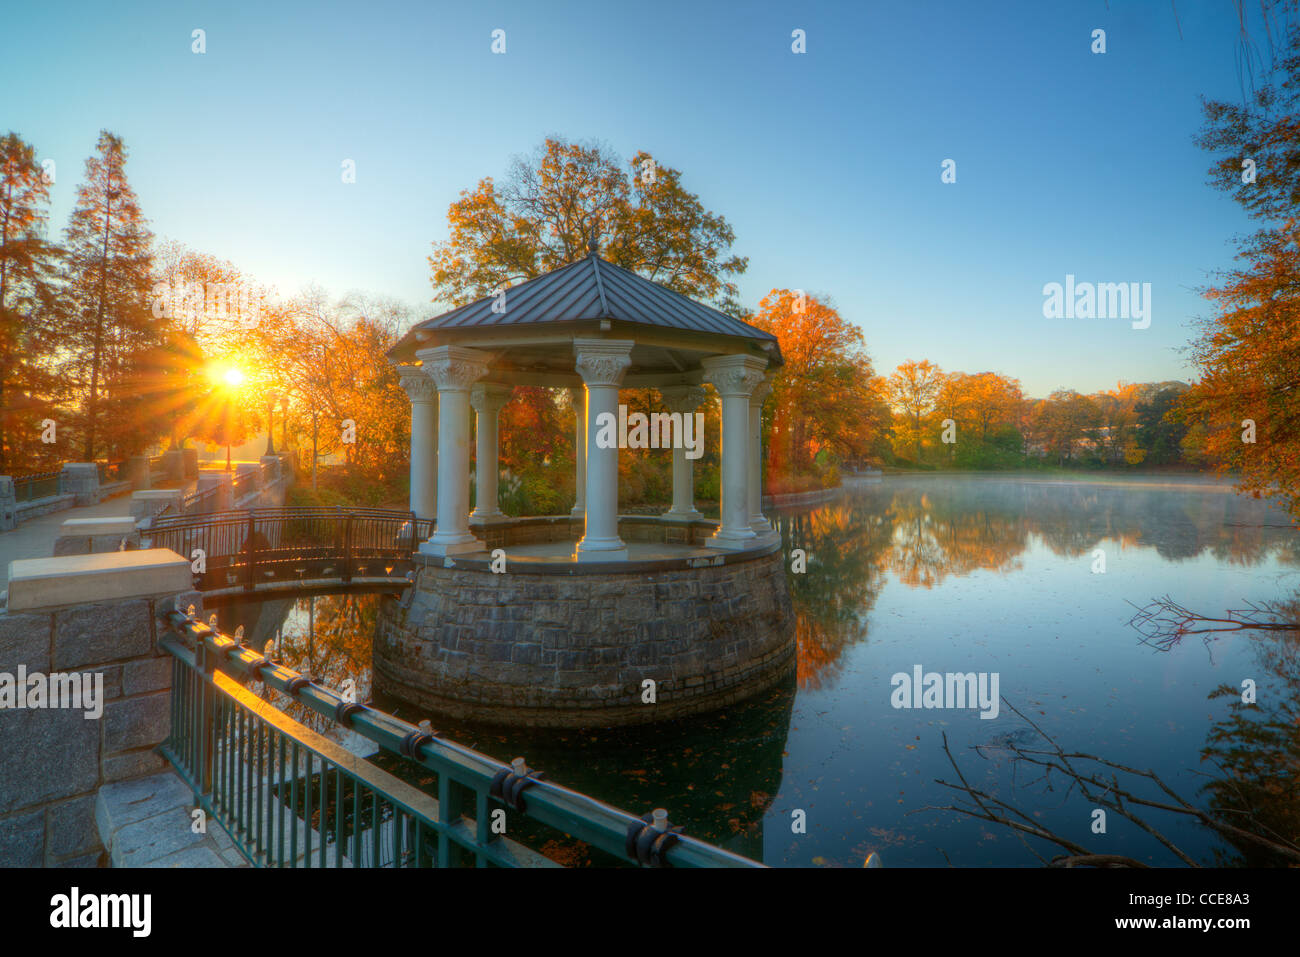 Pabellón al lago Meer en el parque Piedmont en Atlanta, Georgia. Imagen De Stock